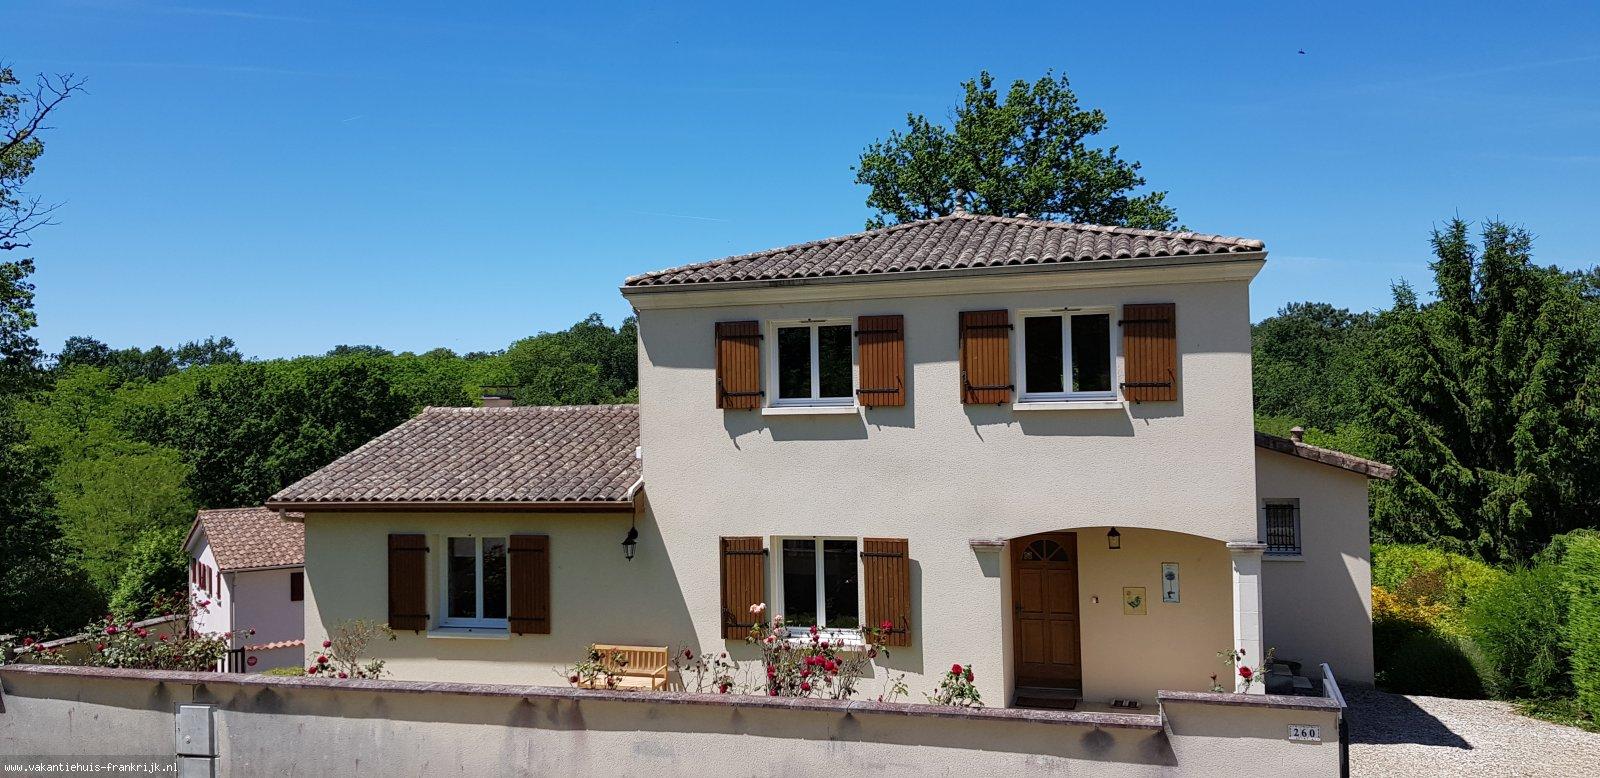 Vakantiehuis: Village le Chat 260. Een comfortabele villa voor 8 personen voor een heerlijke vakantie met riant terras en tuin en gemeenschappelijk verwarmd zwembad te huur voor uw vakantie in Charente (Frankrijk)